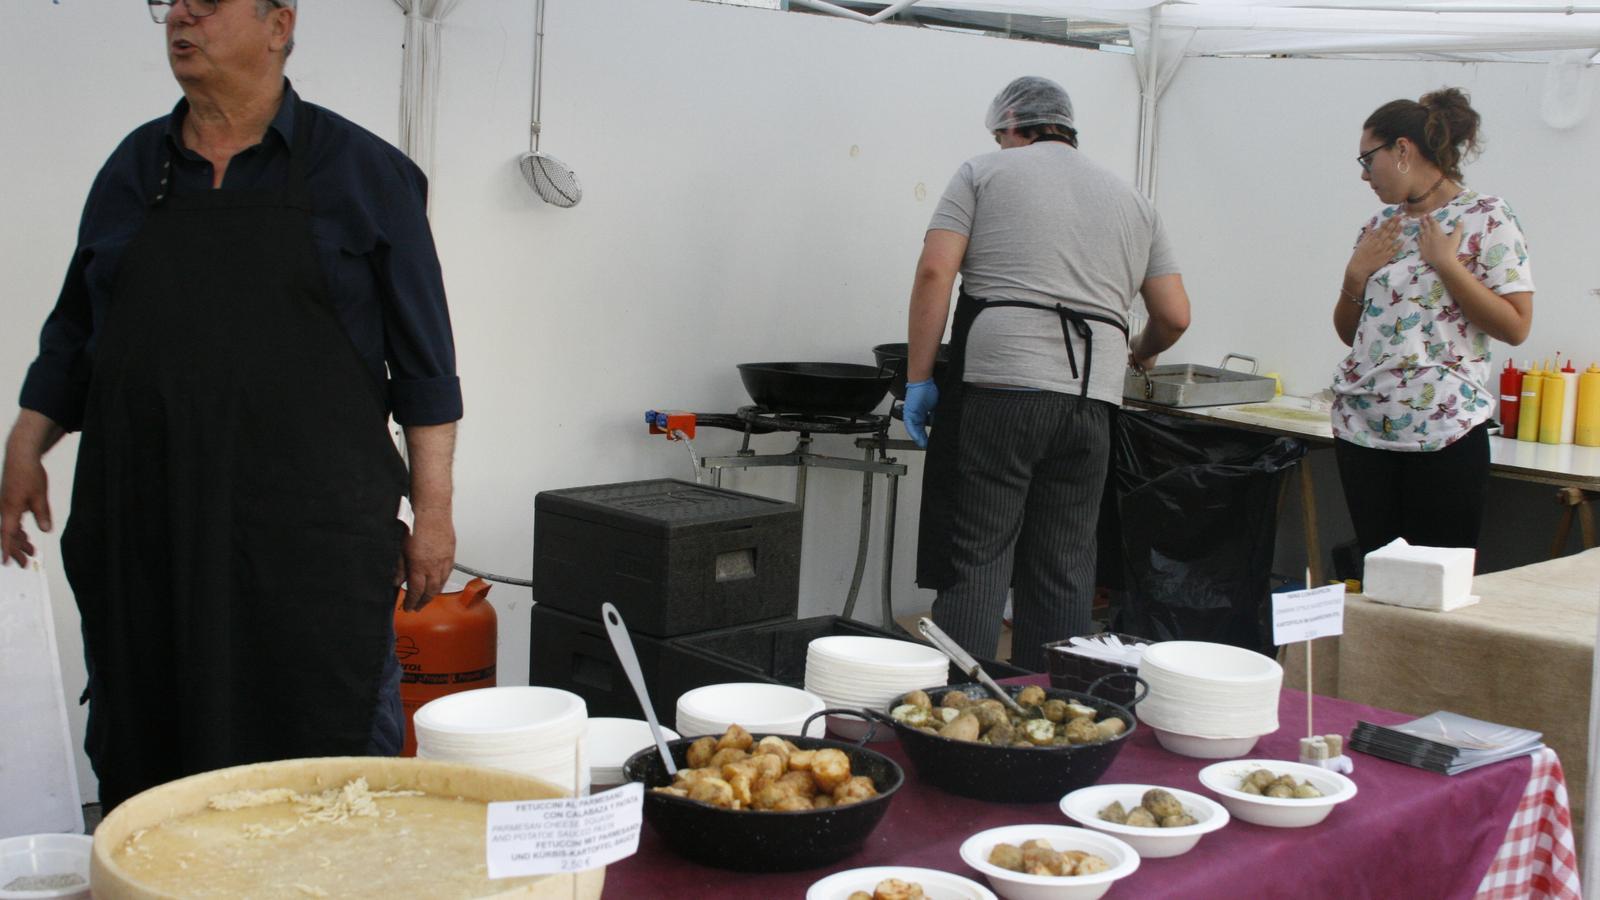 Les cuines pobleres presenten la patata en molts combinats.